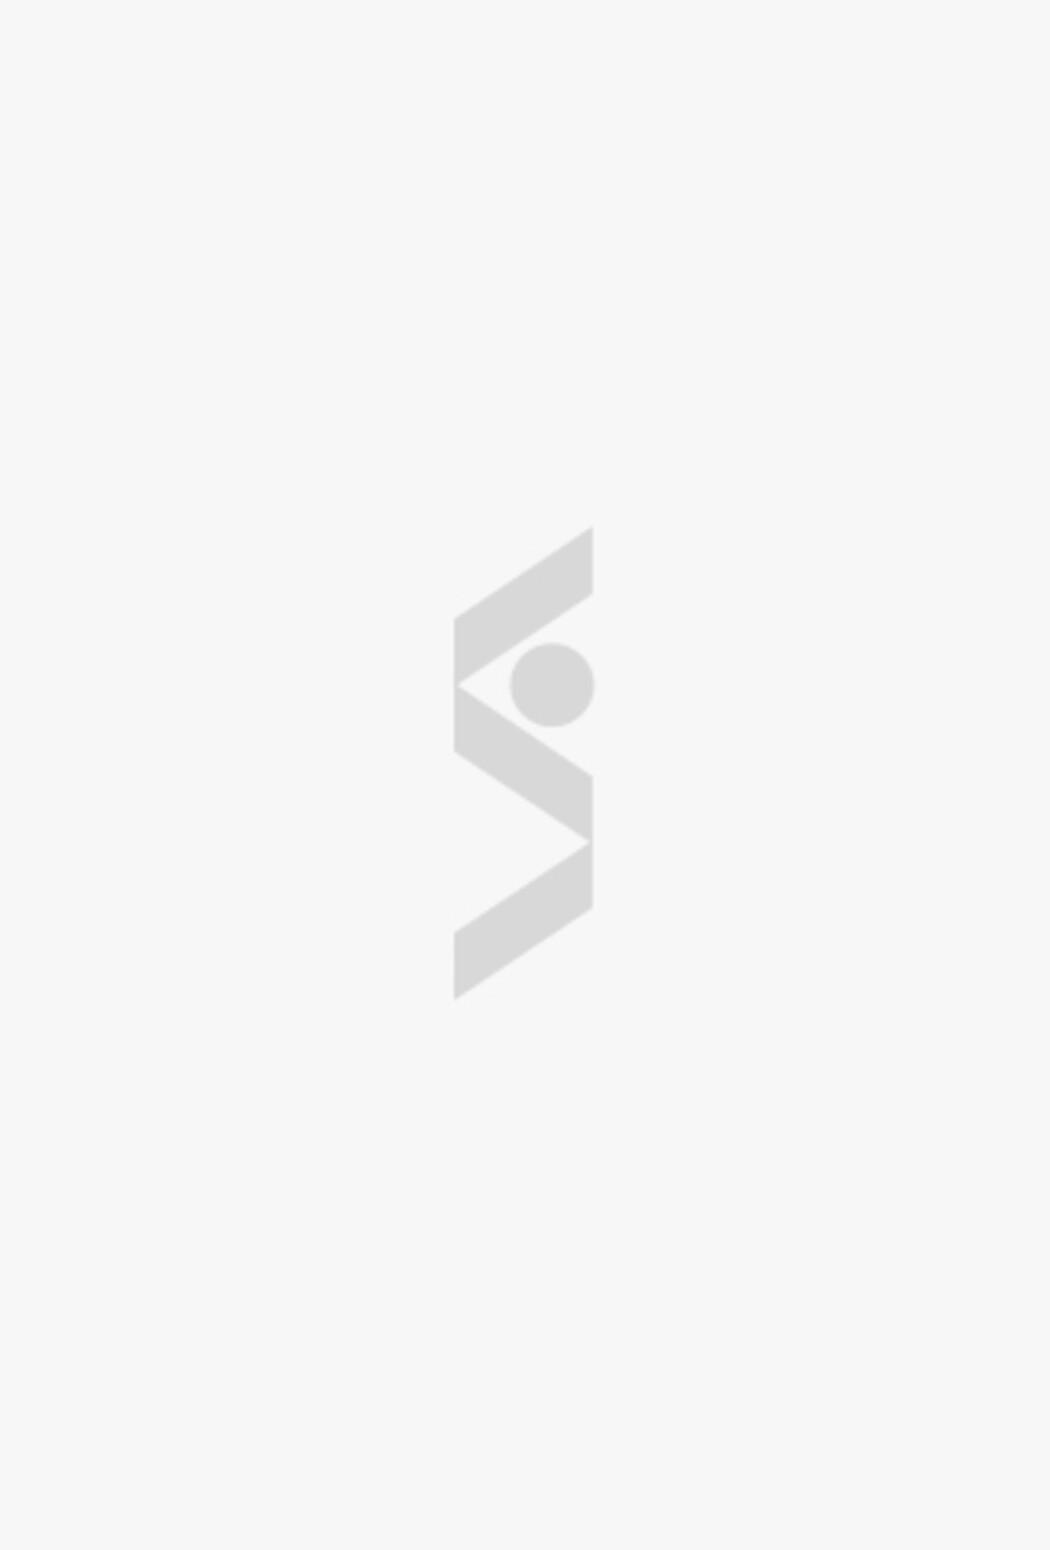 Трусы Cotonella - цена 490 ₽ купить в интернет-магазине СТОКМАНН в Москве